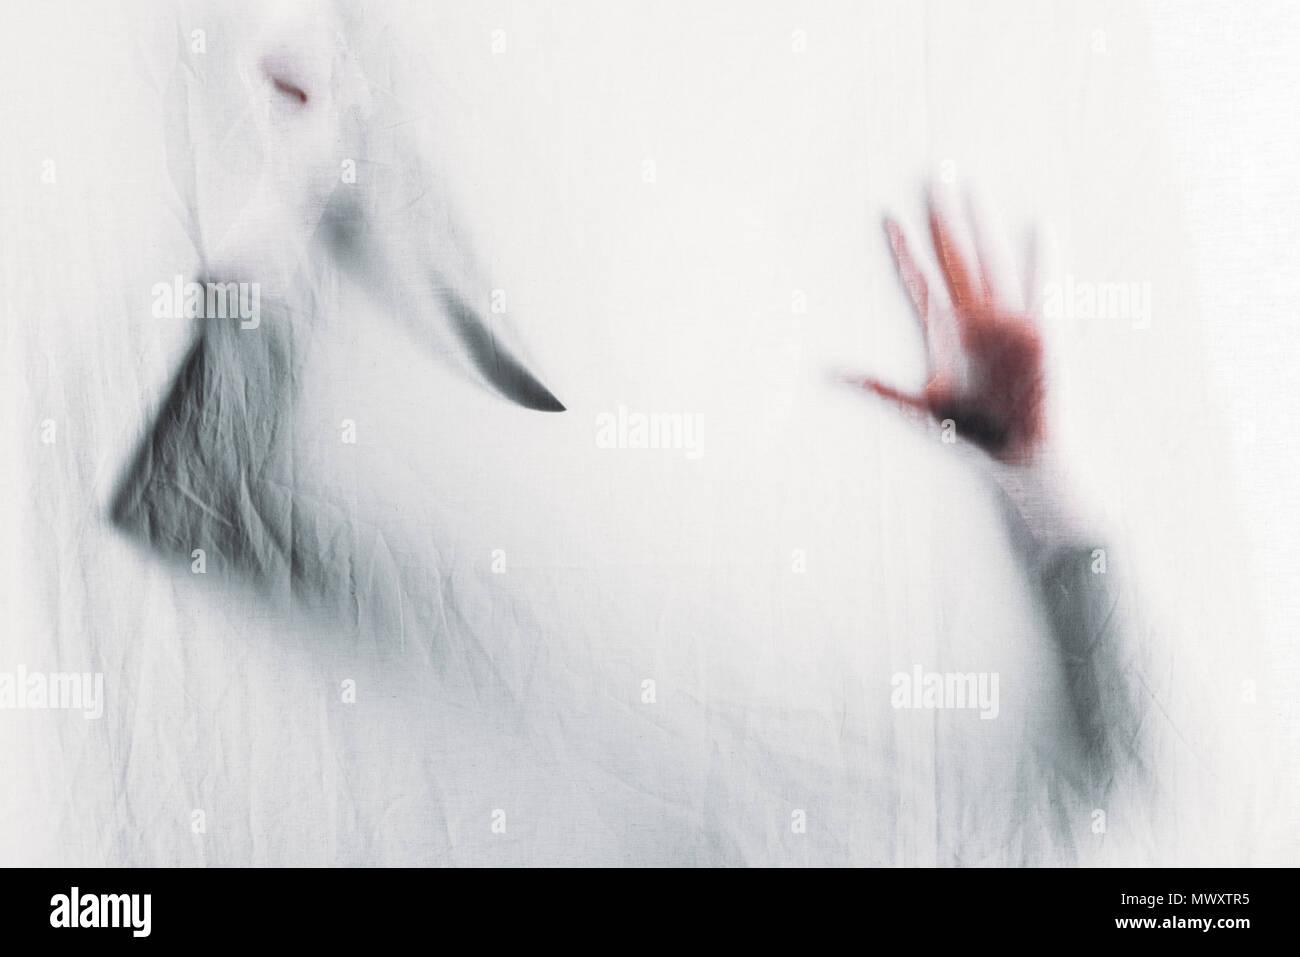 Beängstigend unscharfe Silhouette der unkenntlich Person holding Messer hinter Vorhang Stockfoto